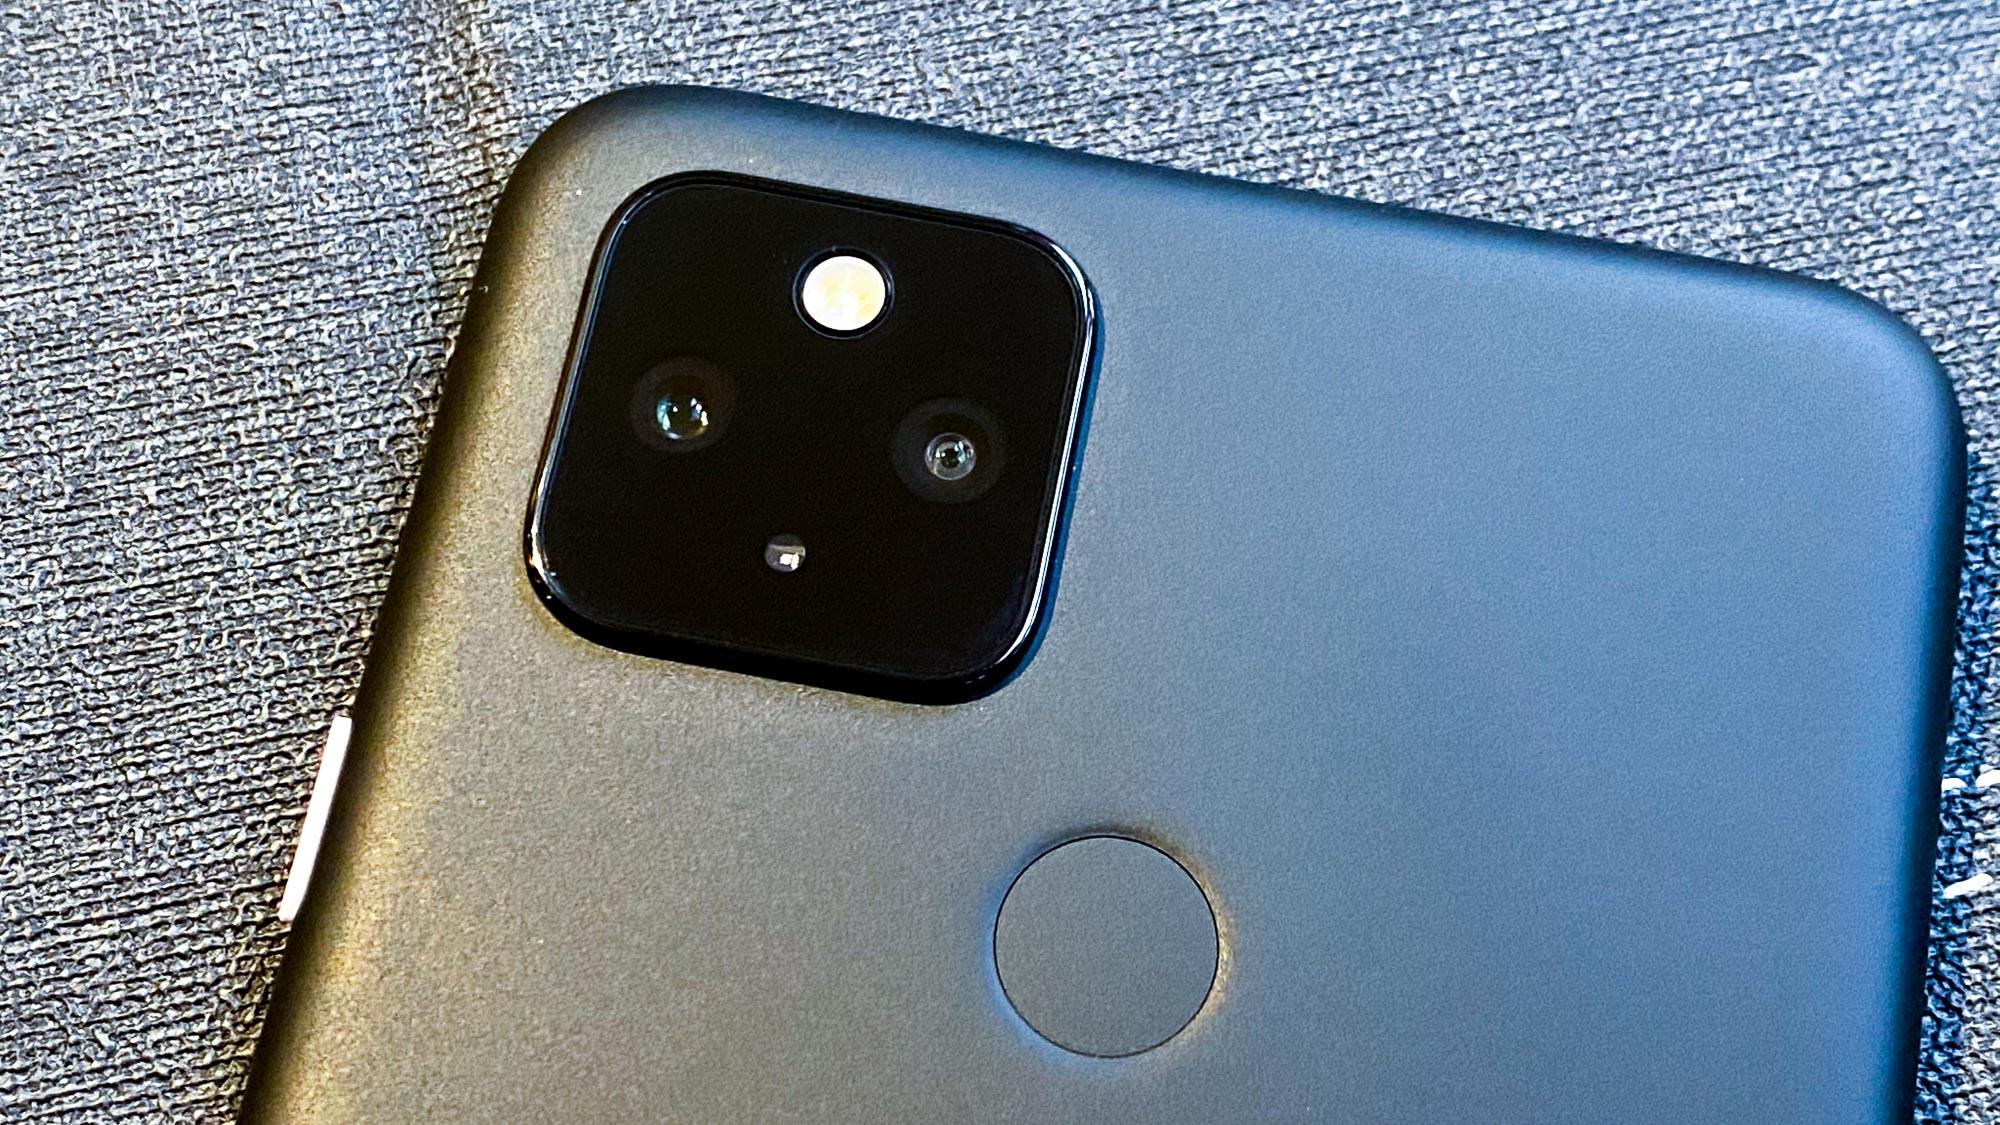 Pixel 5a: Pixel 4a 5g